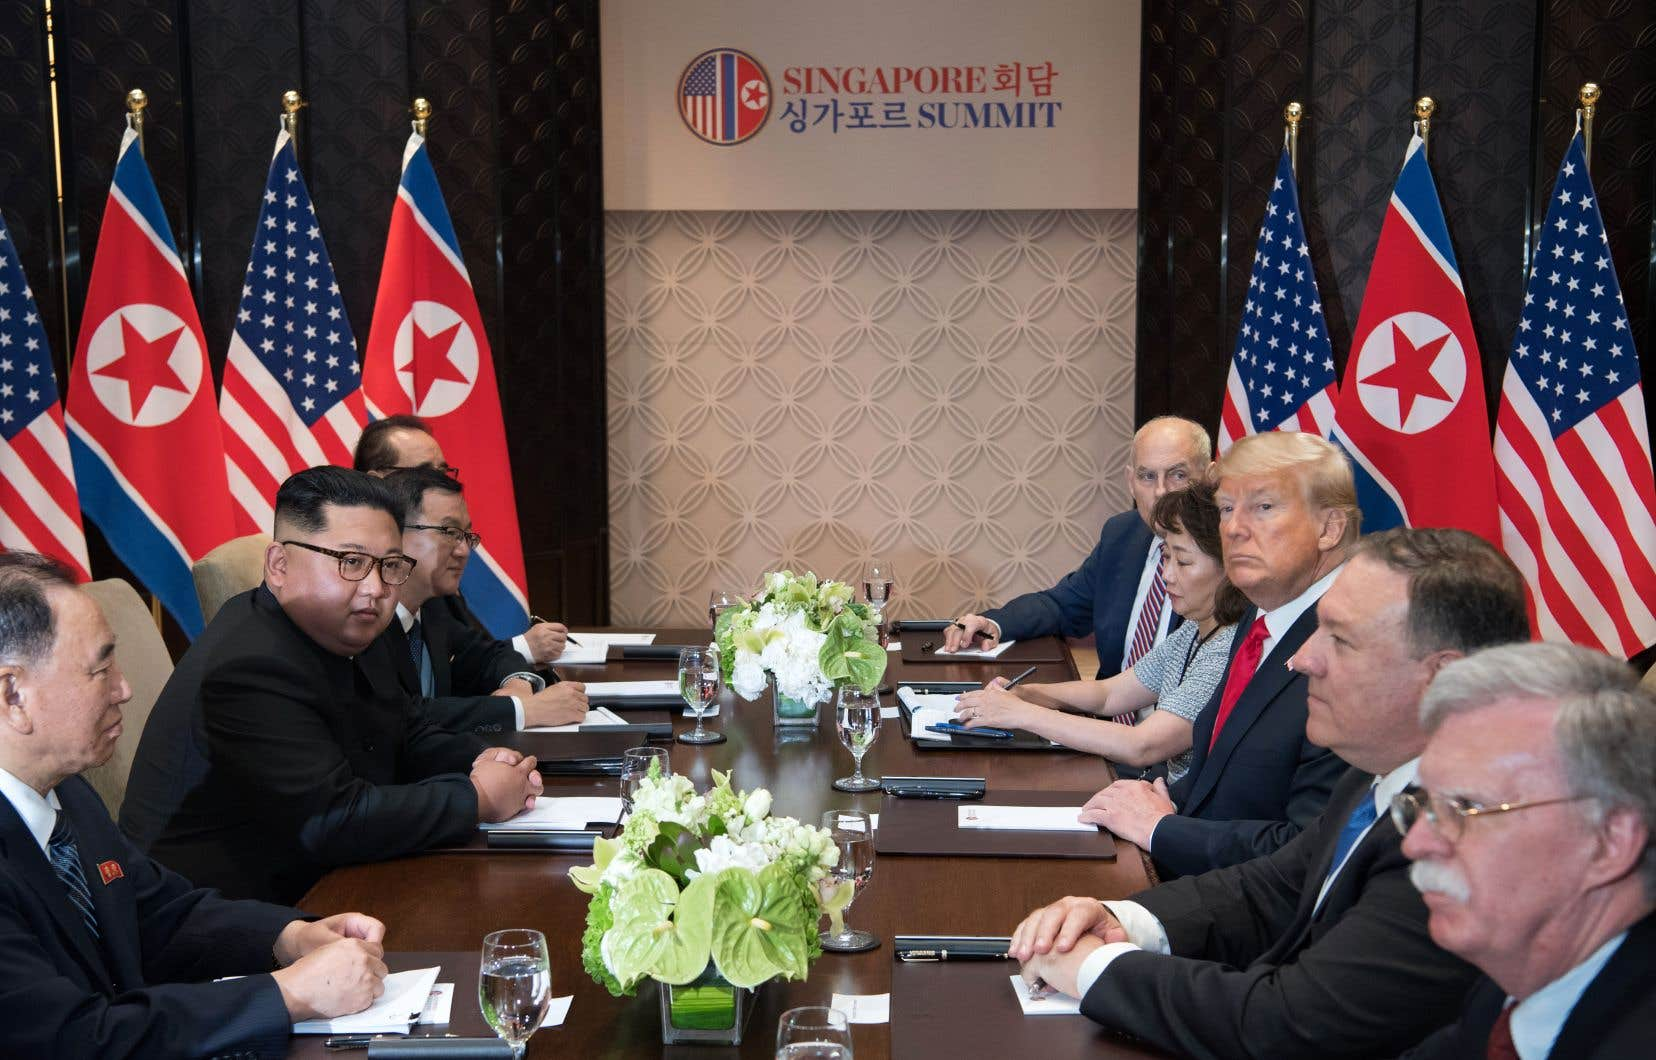 Le président américain, Donald Trump et le dirigeant nord-coréen, Kim Jong-un, s'entretiennent avec leurs délégations respectives à l'hôtel Capella sur l'île de Sentosa, à Singapour, mardi.